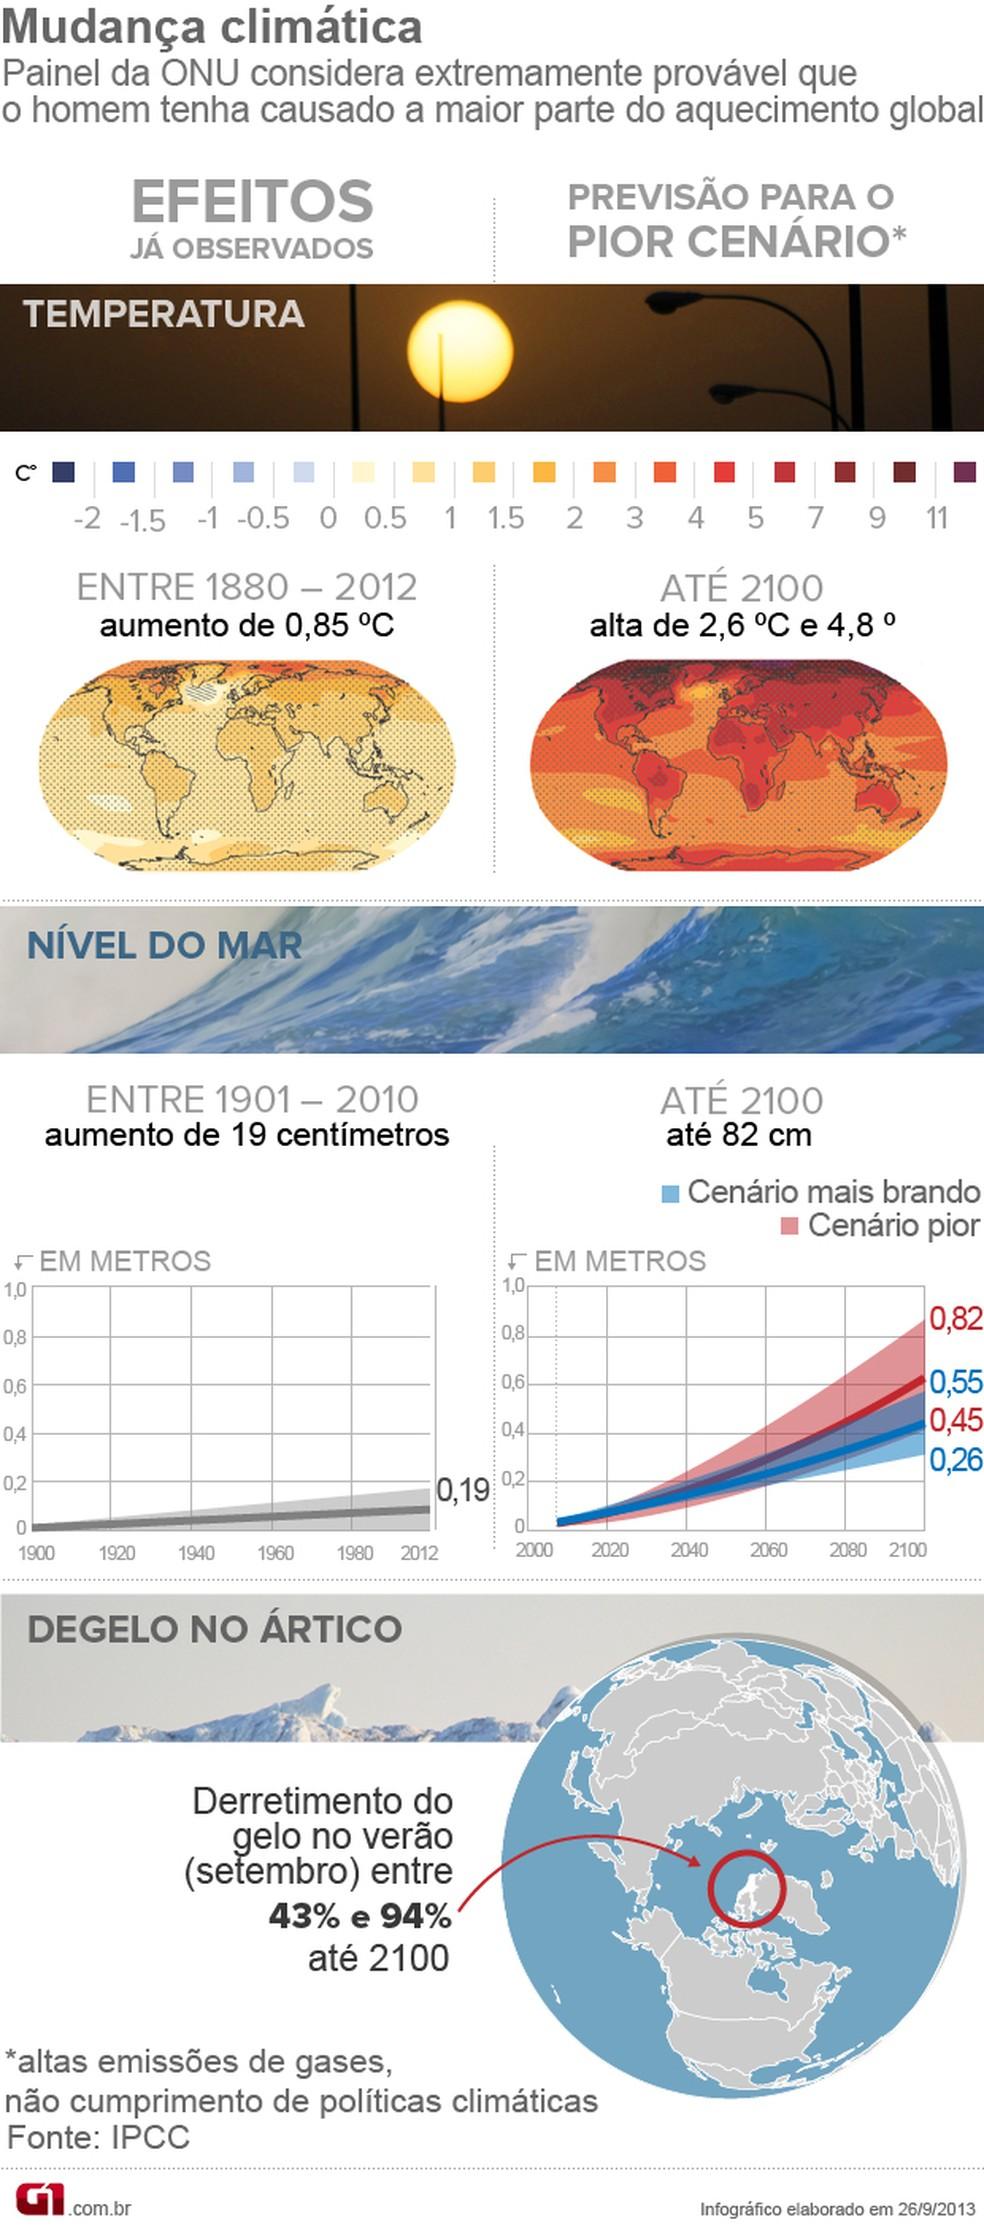 Arte - Mudança climática (Foto: G1 )